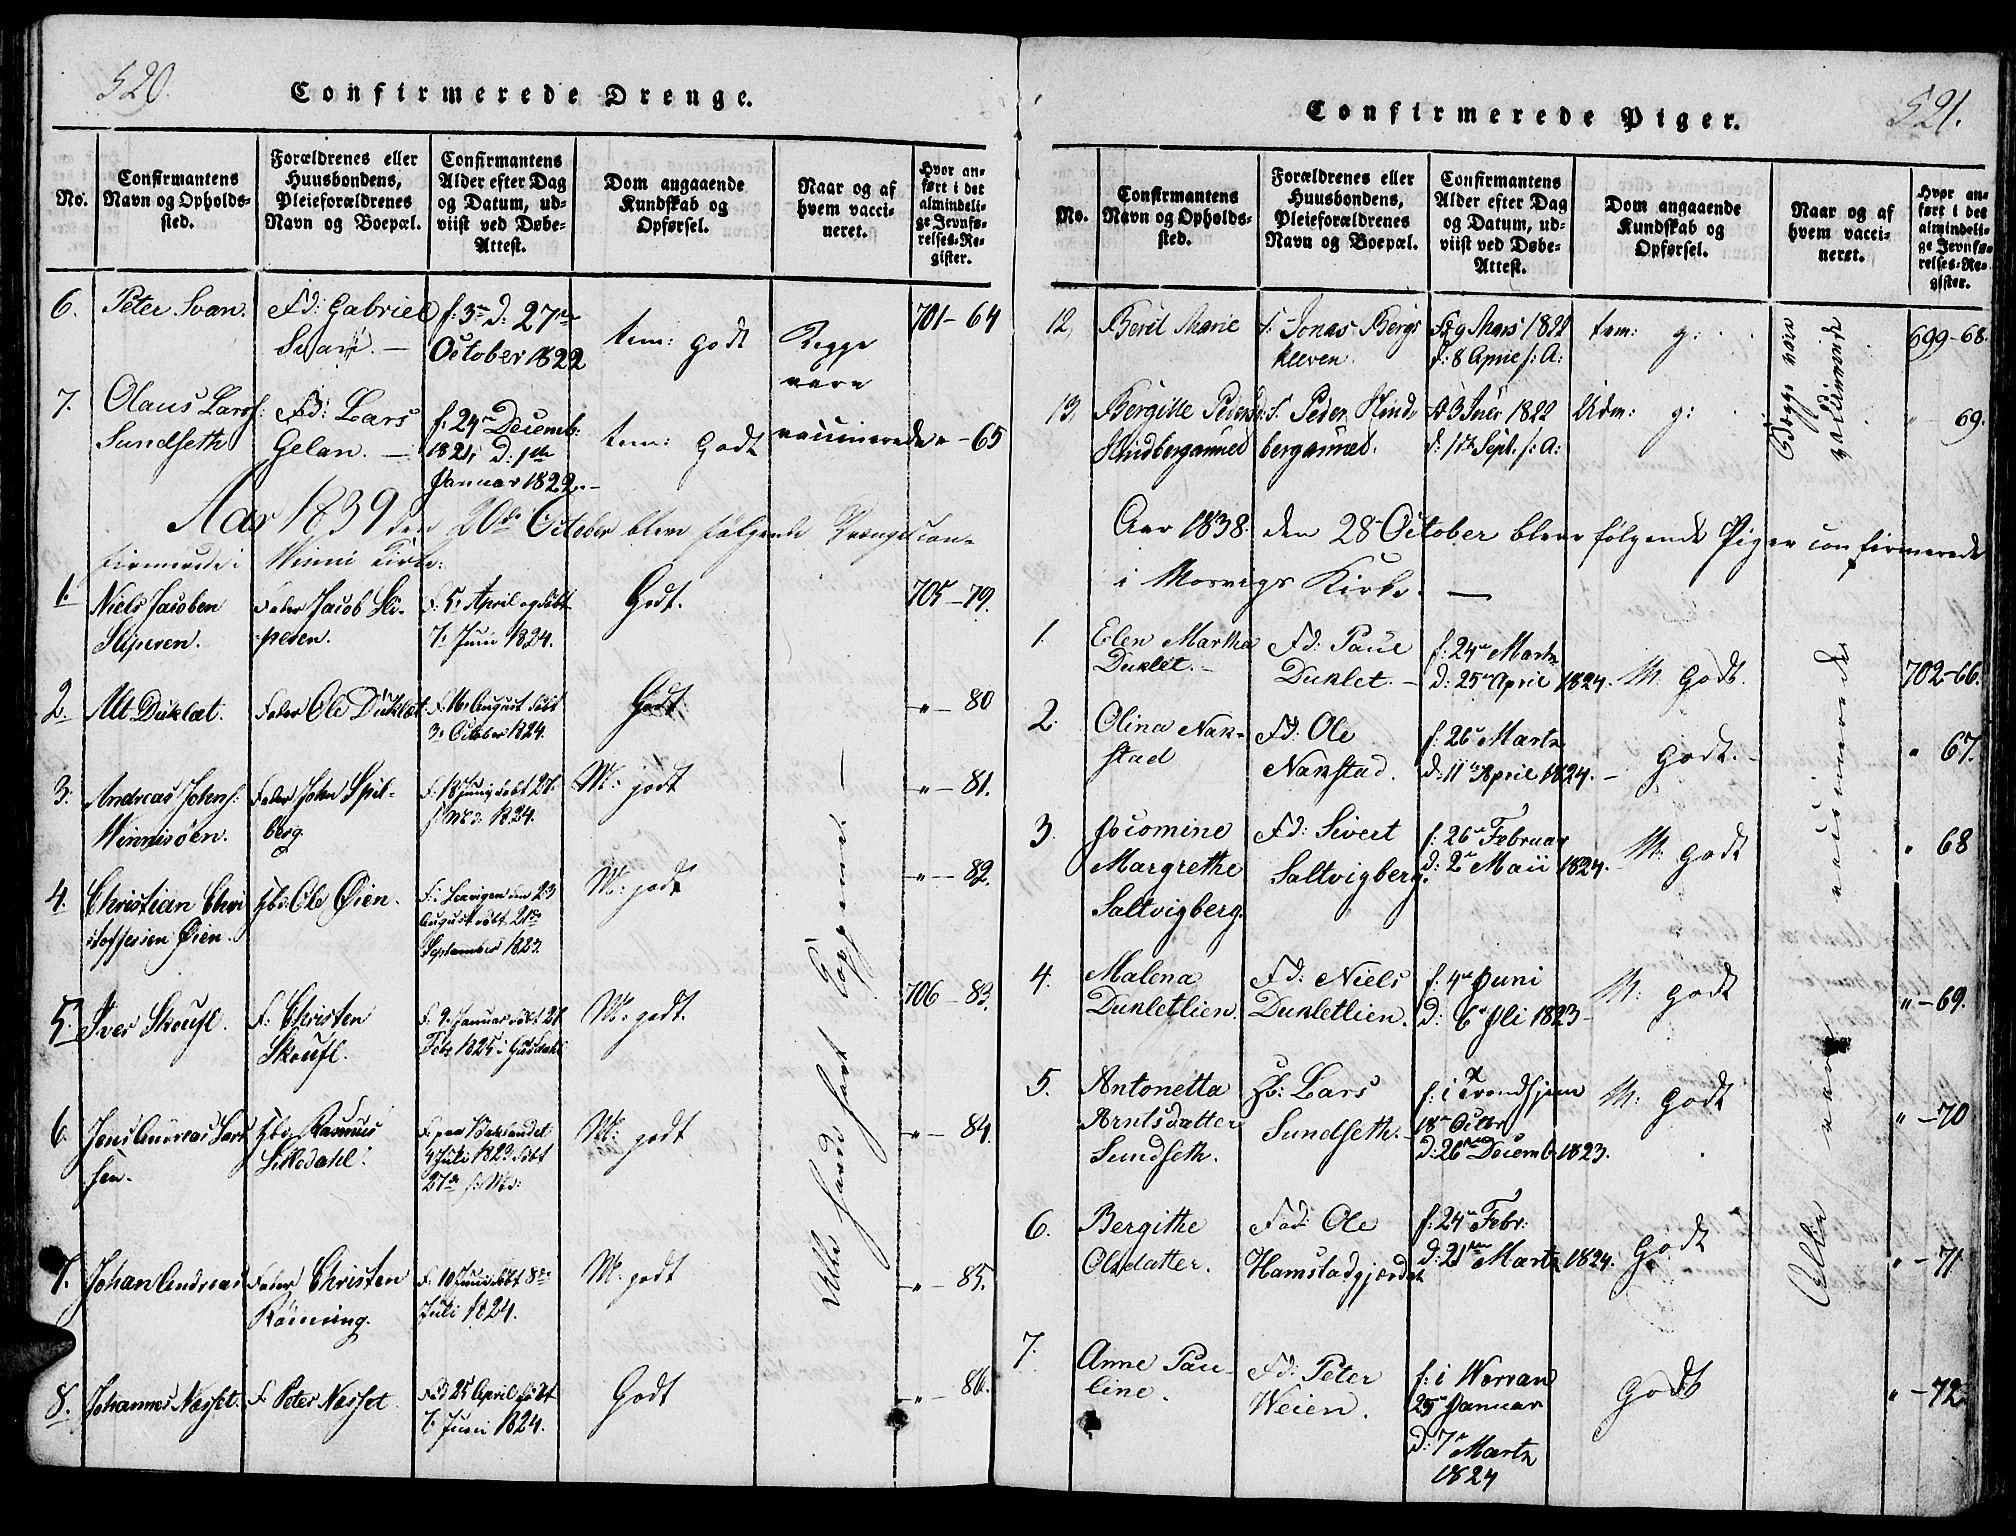 SAT, Ministerialprotokoller, klokkerbøker og fødselsregistre - Nord-Trøndelag, 733/L0322: Ministerialbok nr. 733A01, 1817-1842, s. 520-521